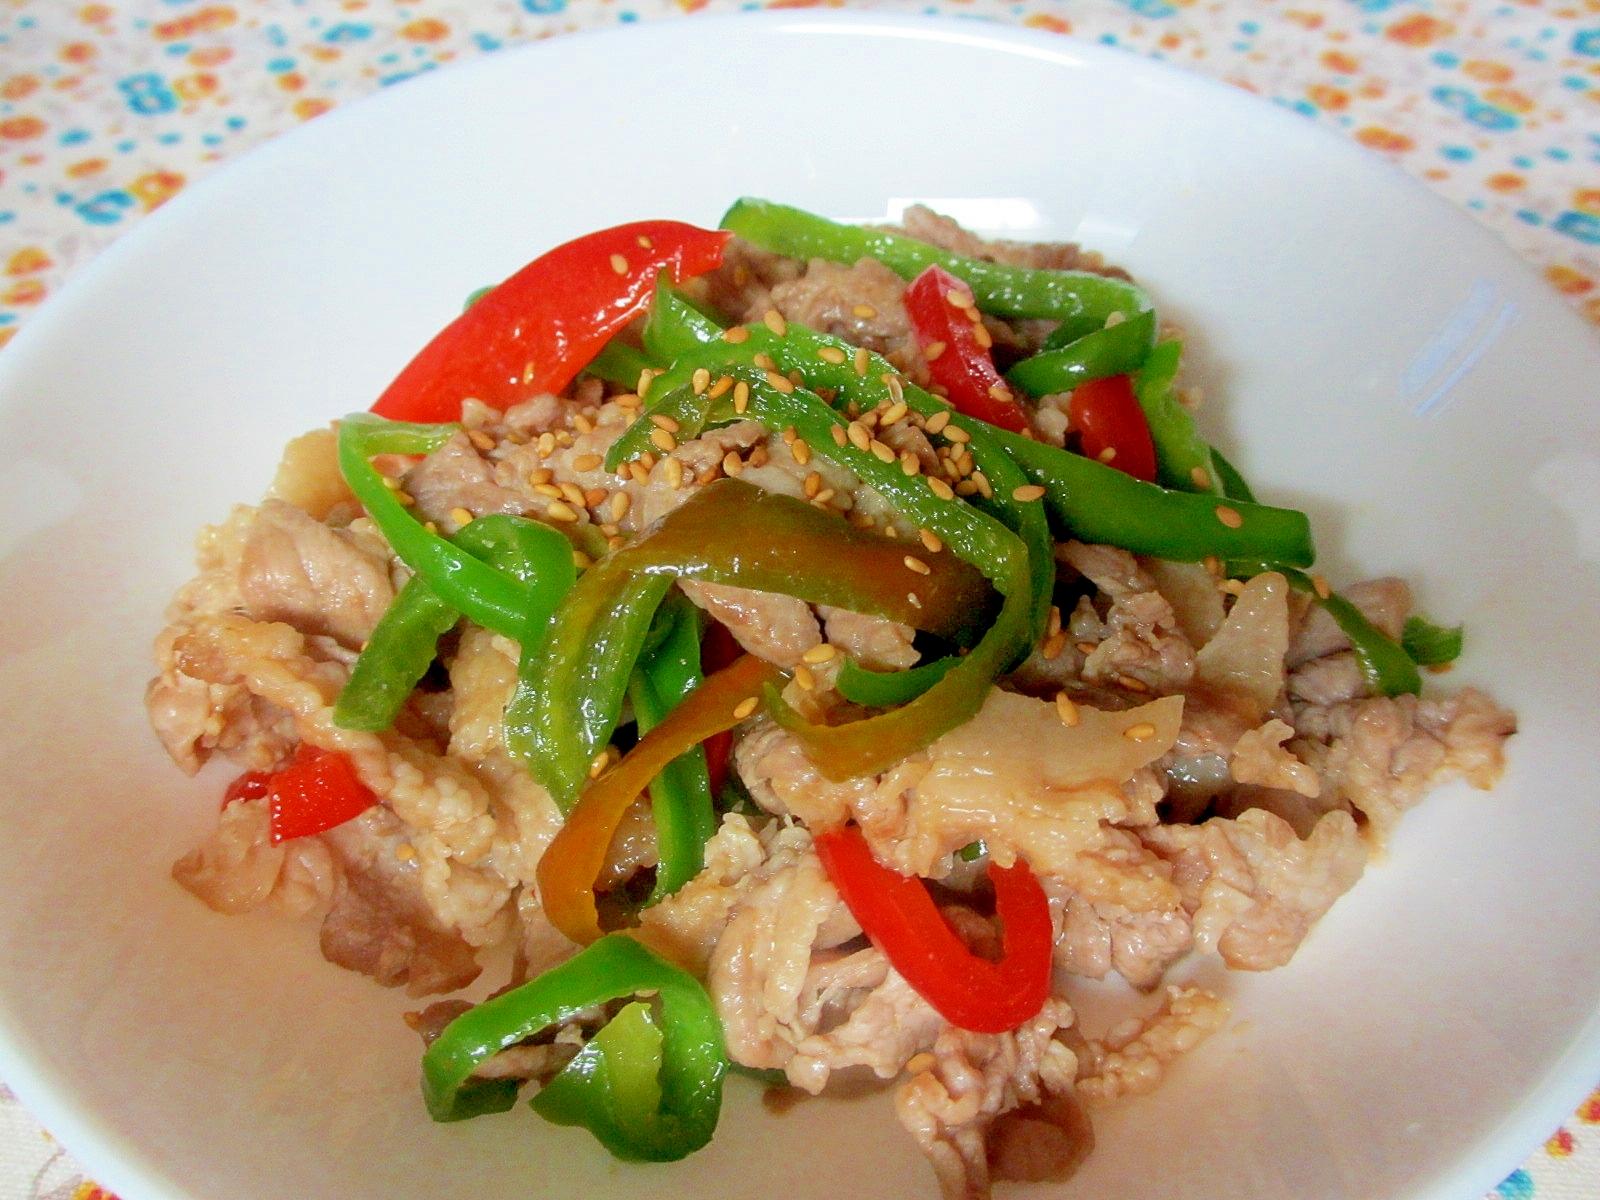 豚こま、パプリカ、ピーマンのにんにく醤油炒め レシピ・作り方 by mococo05|楽天レシピ